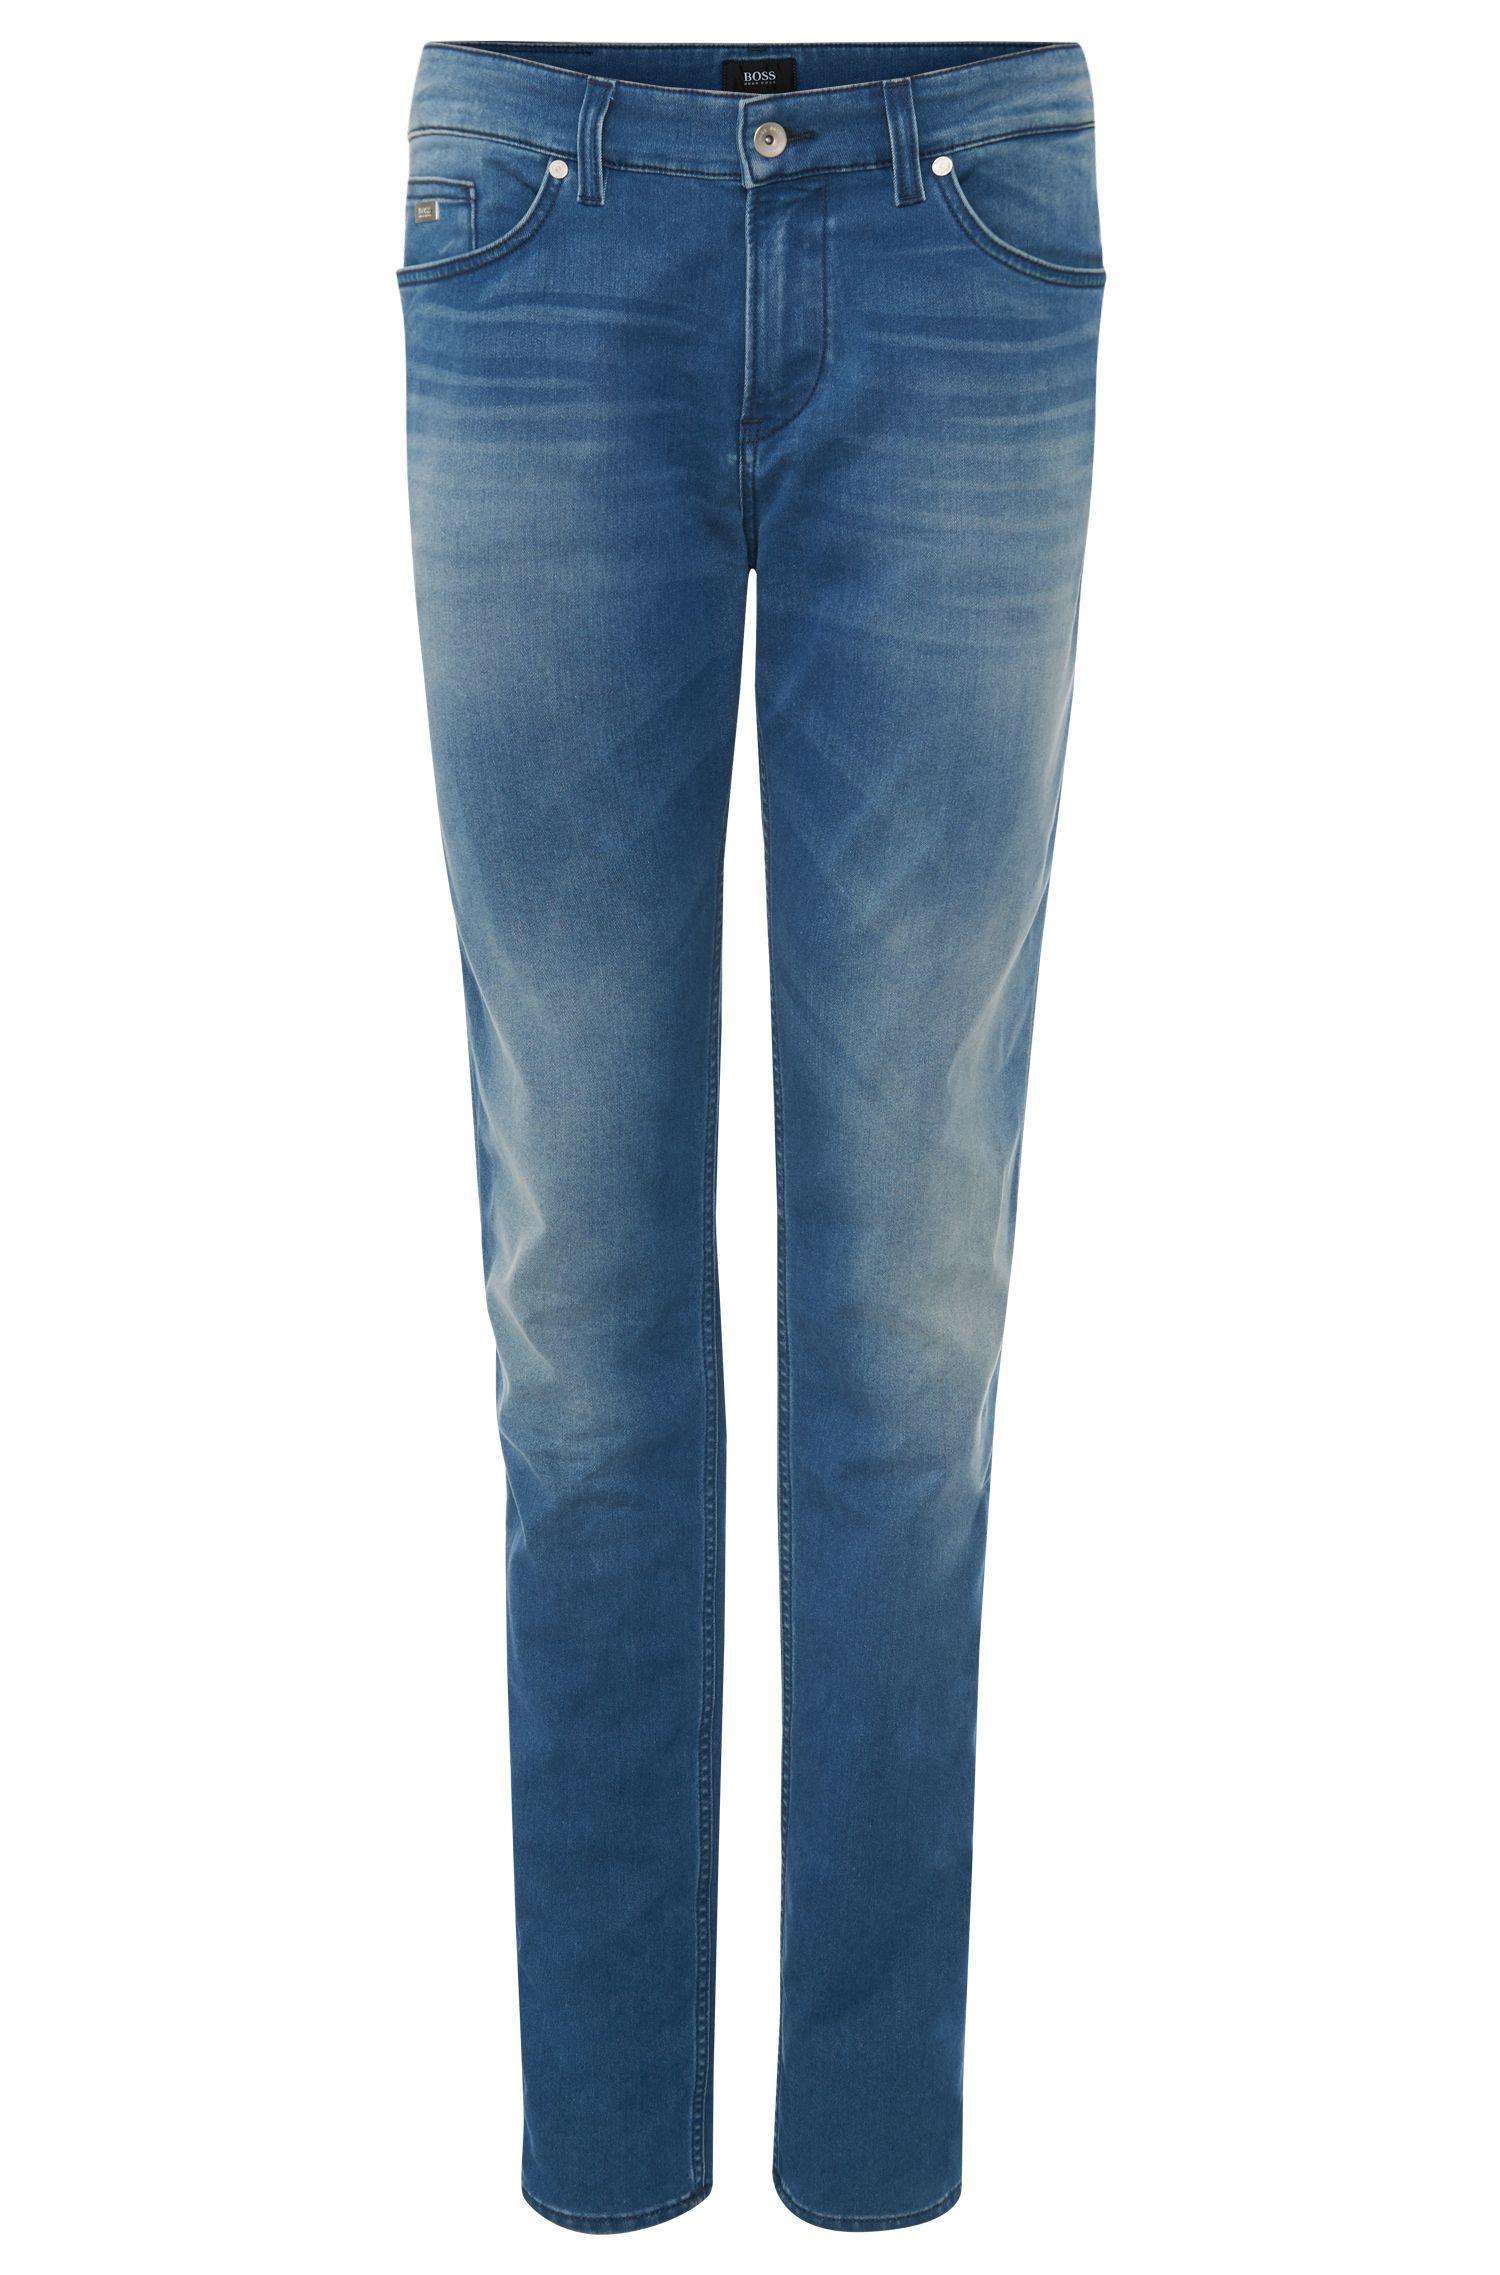 'Delaware' | Slim Fit, 8 oz Cotton Blend Jeans